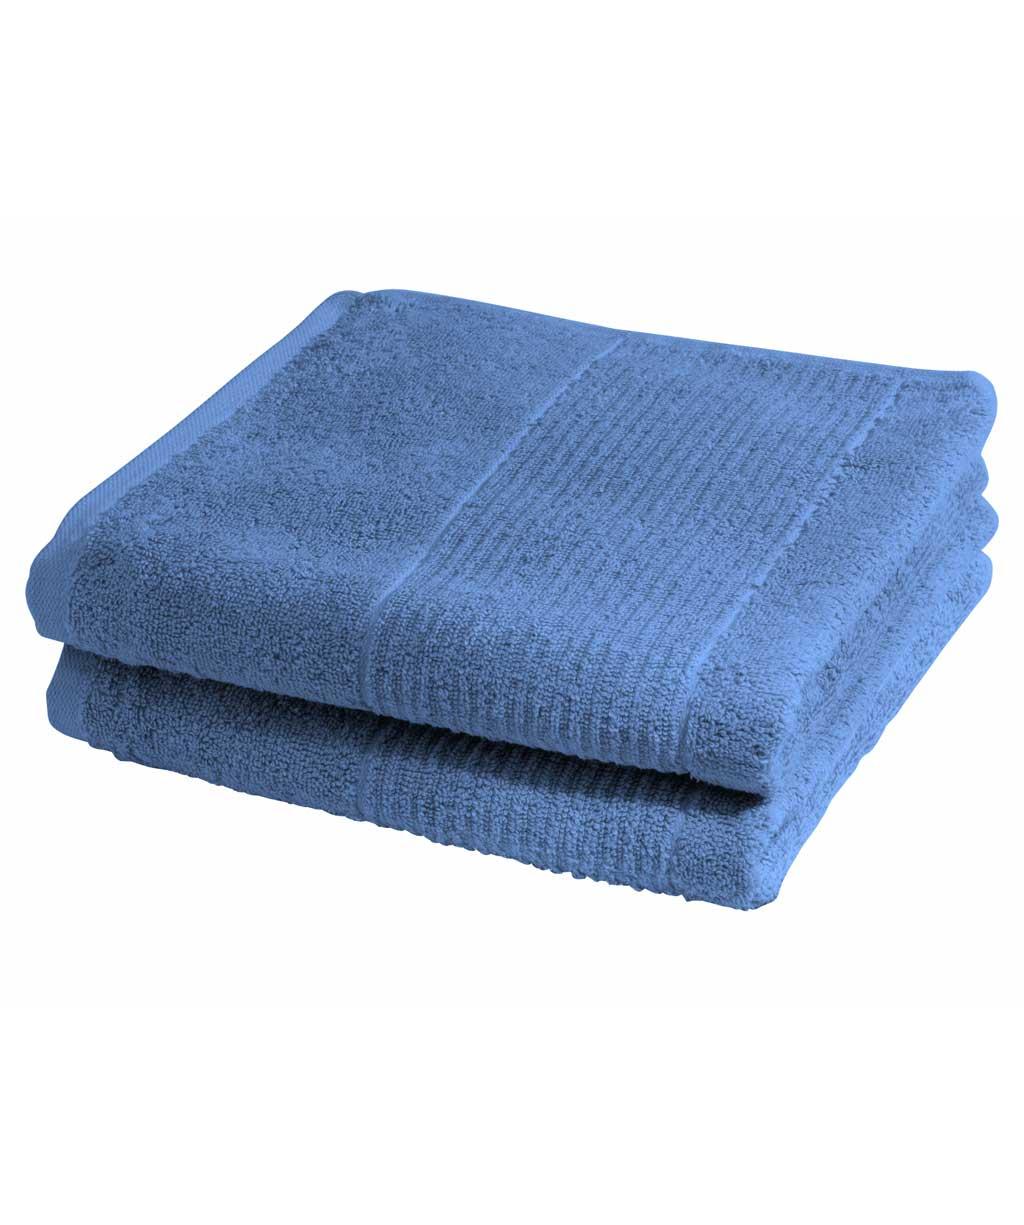 Blaues Handtuch, Badetuch, Duschtuch aus Baumwolle mit Streifen